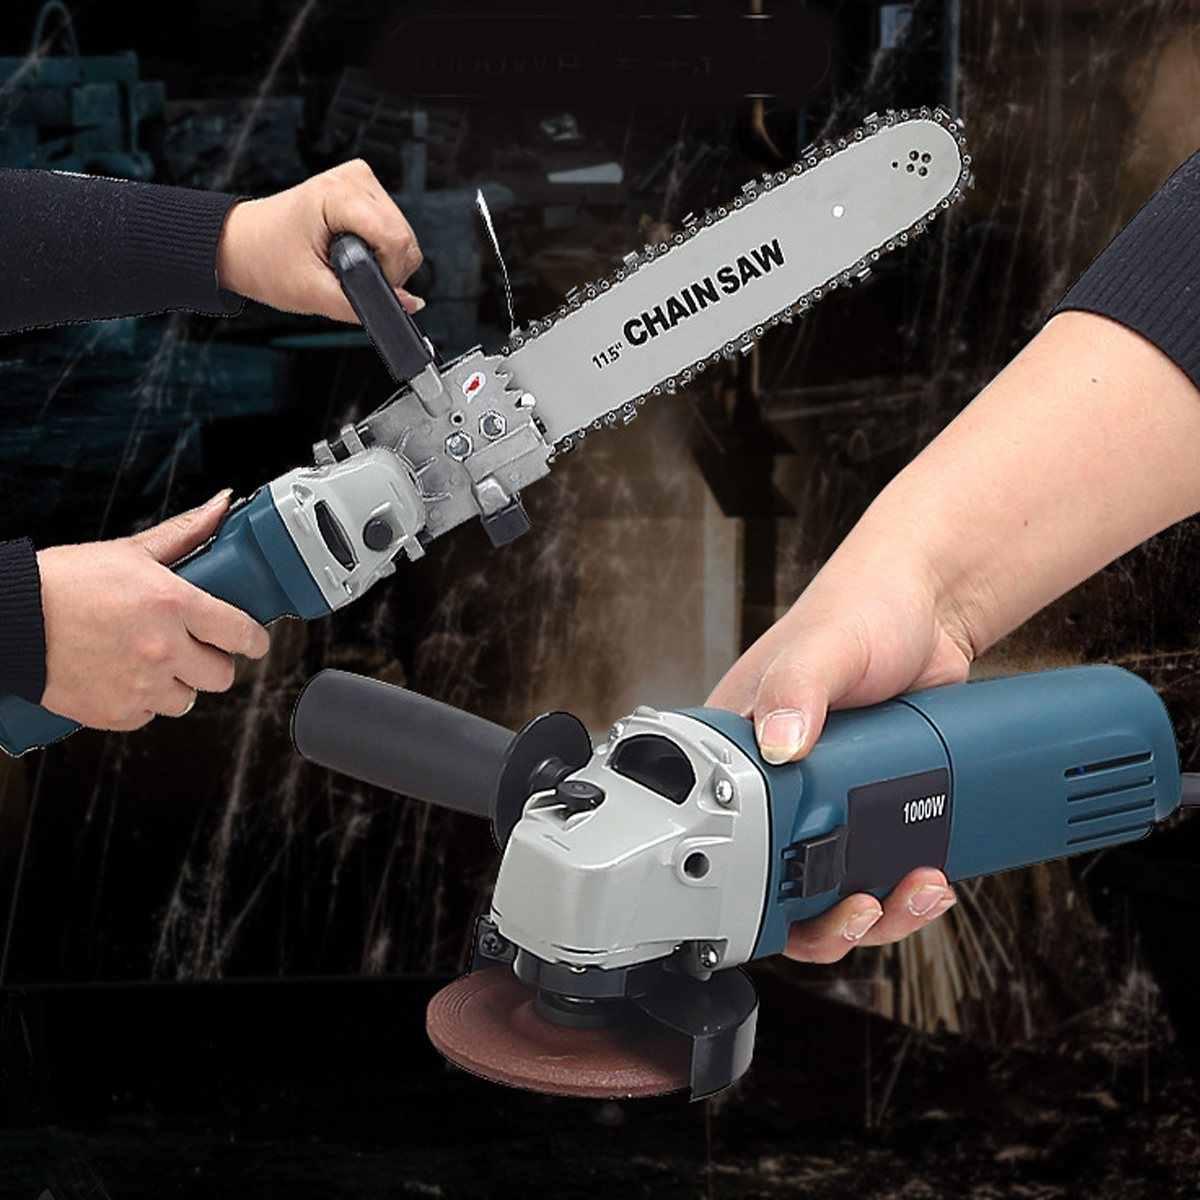 """1000 W 220 V 11000 סל""""ד 6 מהירות מתכוונן חשמלי 100 זווית מטחנות + המנסרים נגרות חיתוך Chainsaw סוגר מטחנות"""